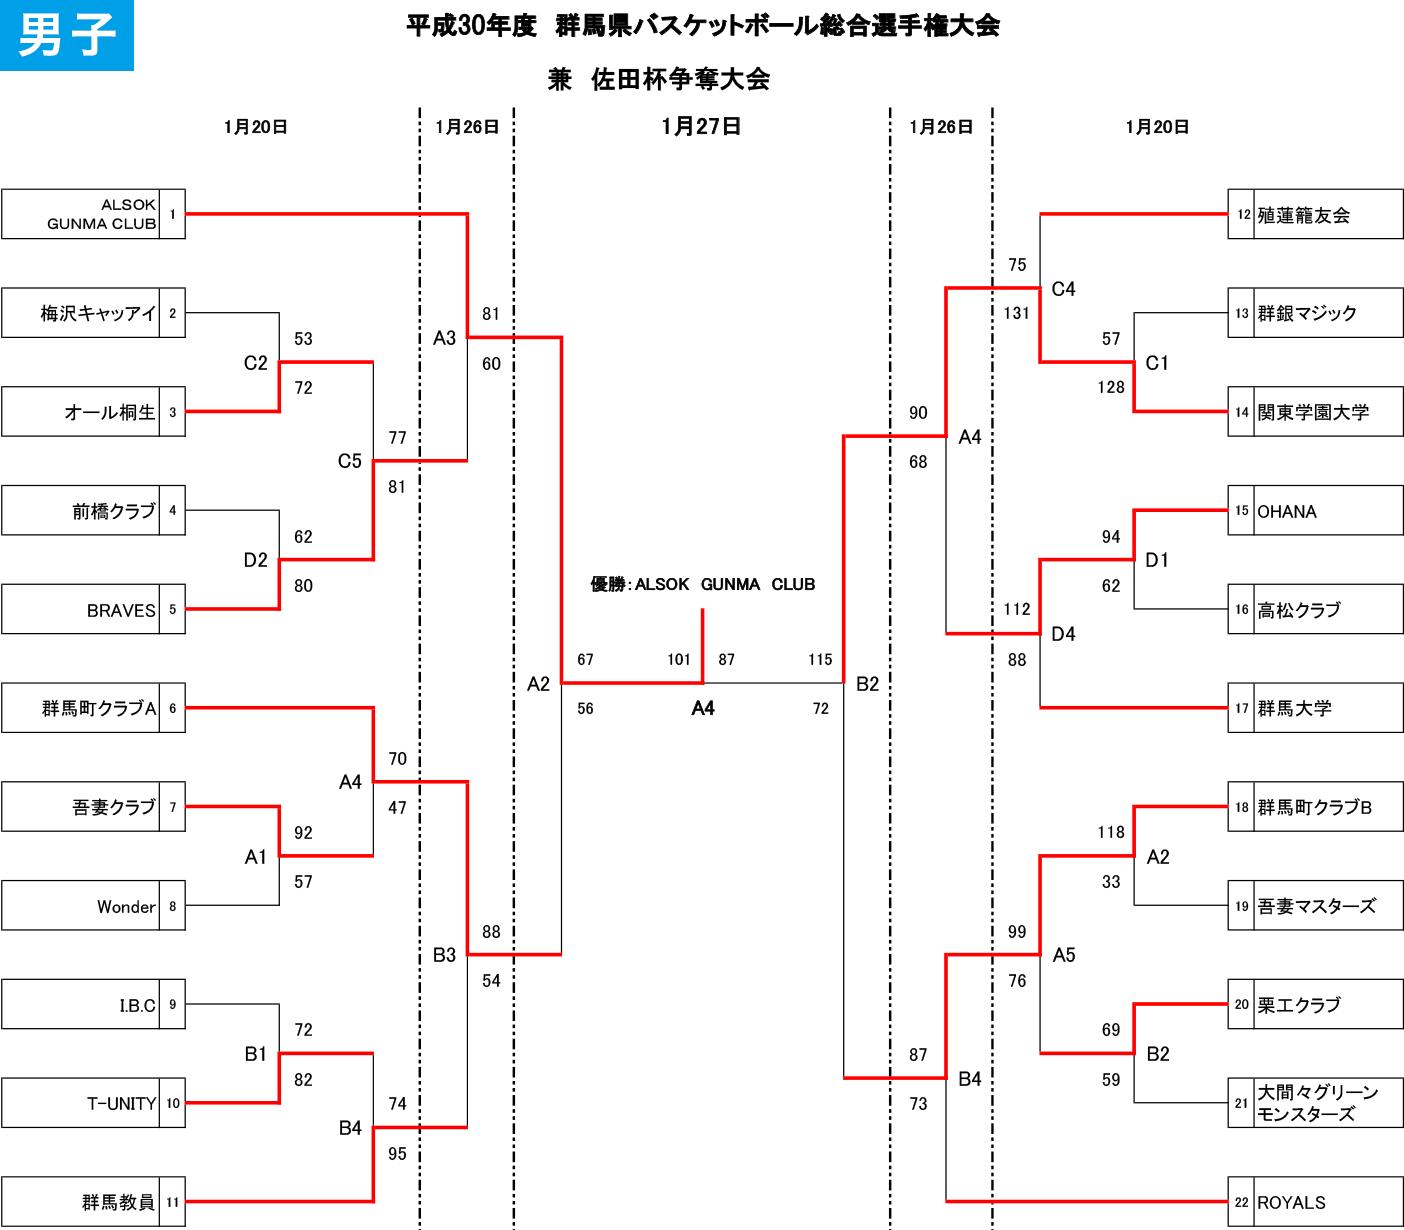 2018年度 佐田杯 - 男子結果